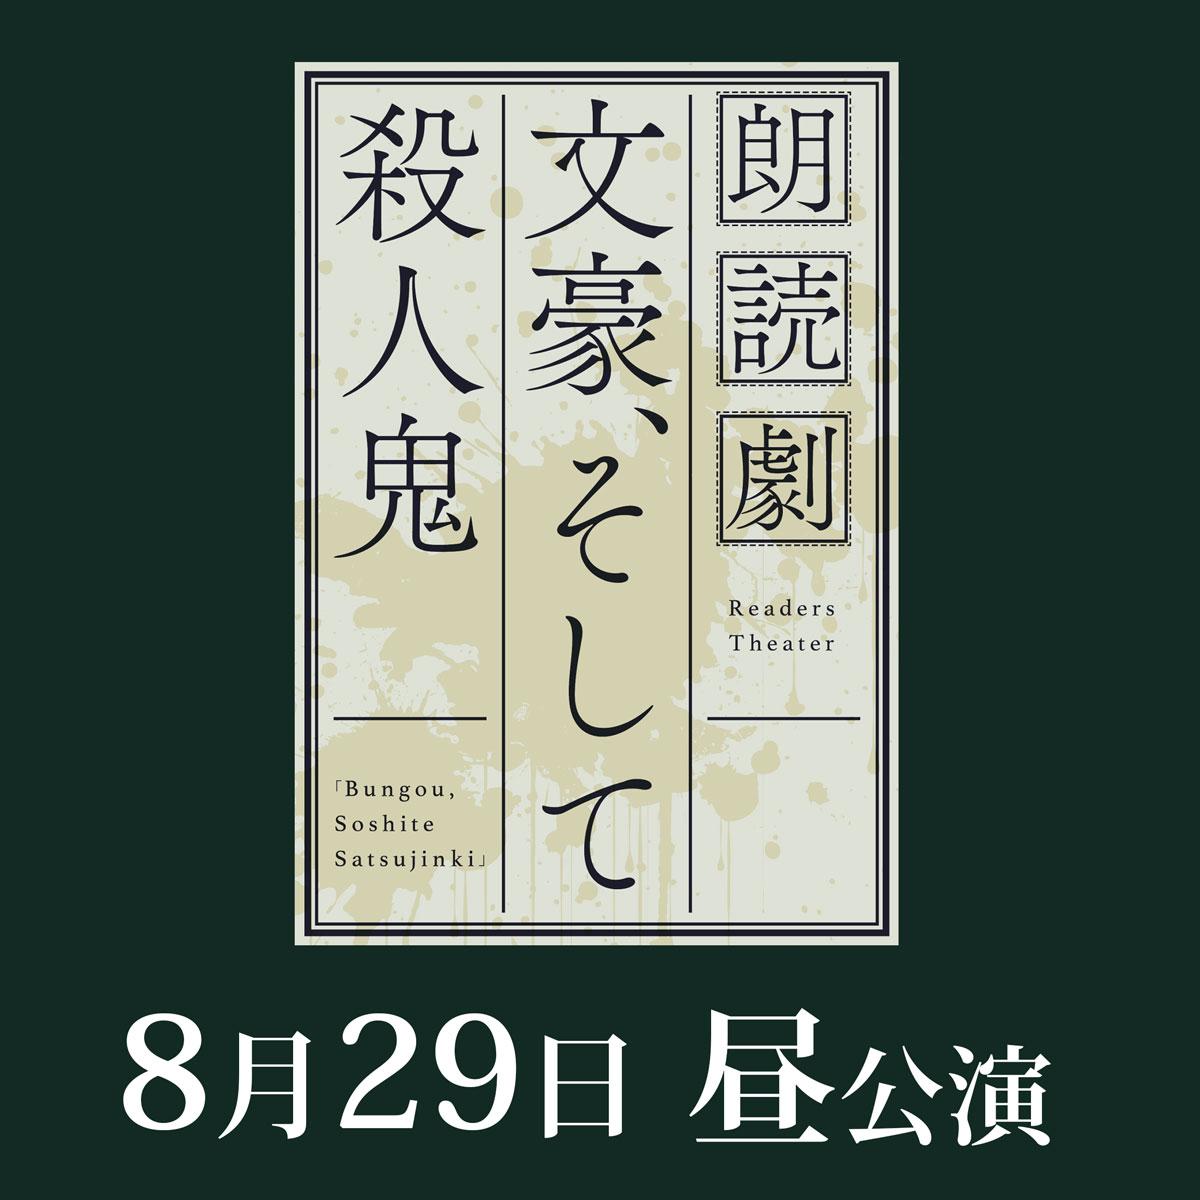 オリジナル朗読劇 『文豪、そして殺人鬼』 8月29日 昼公演